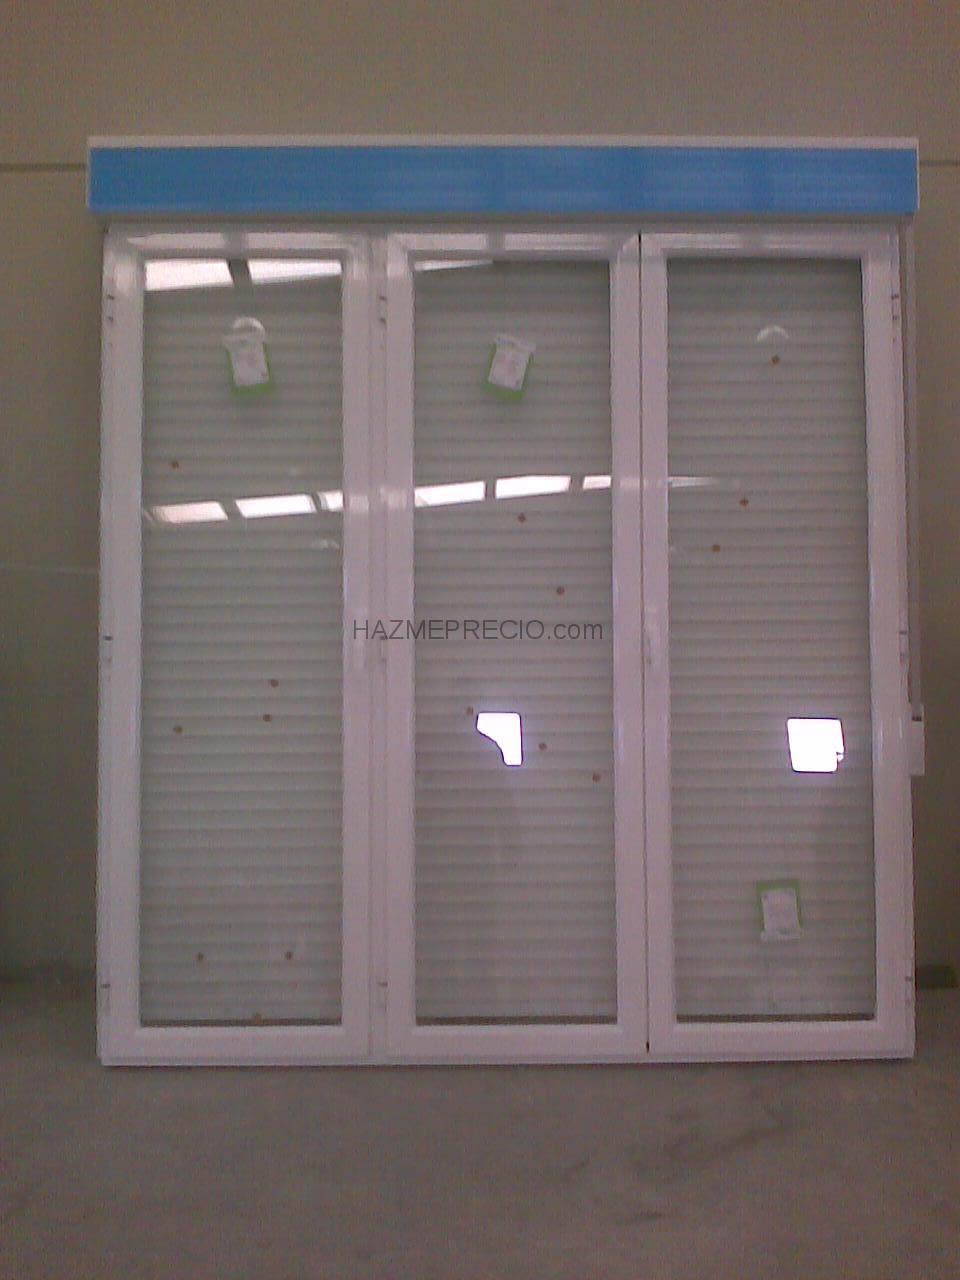 Presupuesto para cambiar ventanas persianas y puertas - Presupuesto cambio ventanas ...